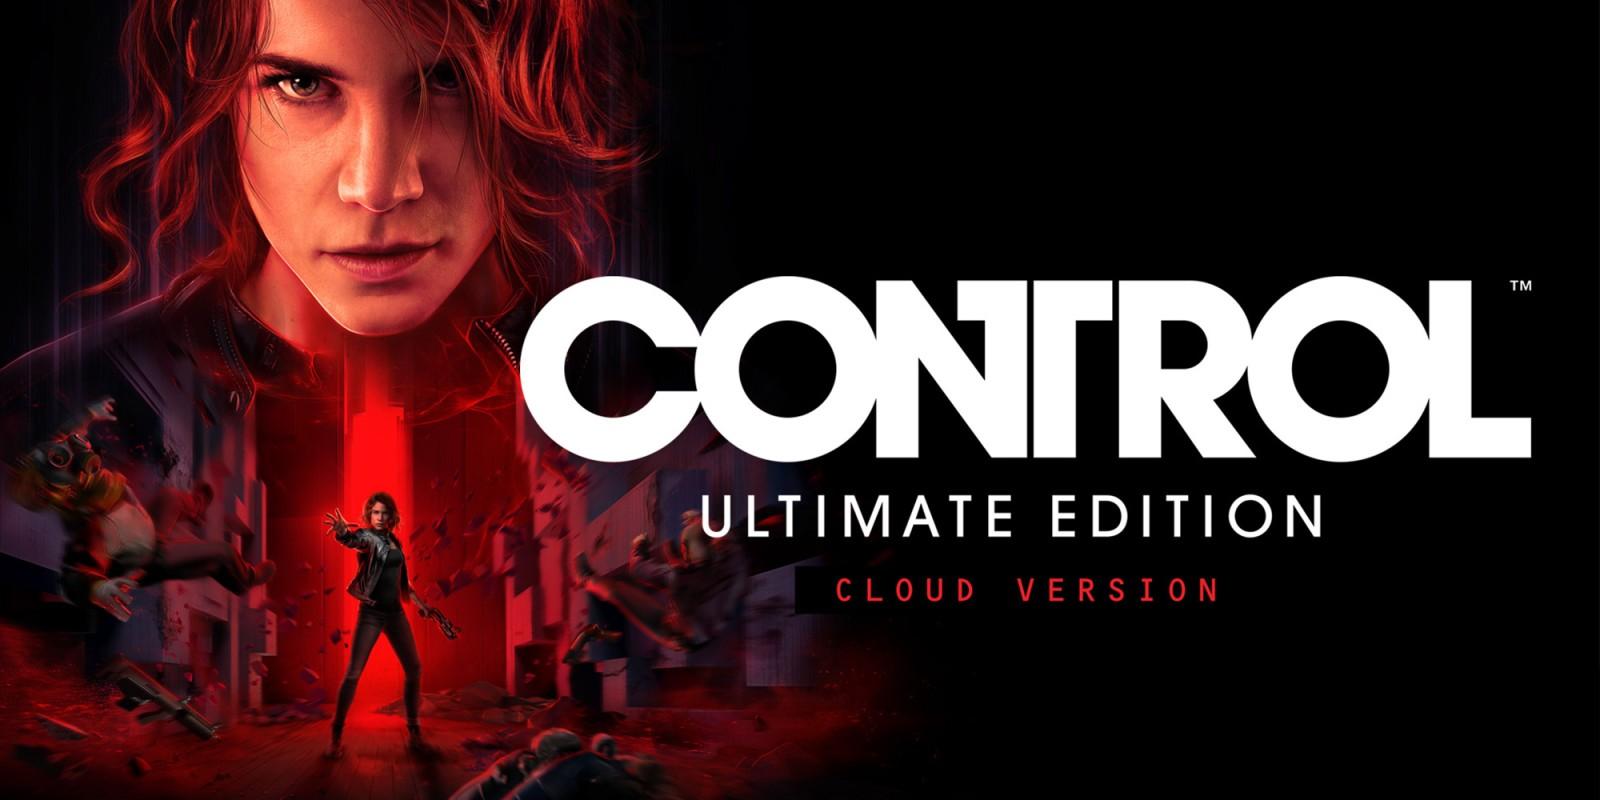 ΑΜΕΣΑ διαθέσιμο το Control Ultimate Edition - Cloud Version στο Switch!